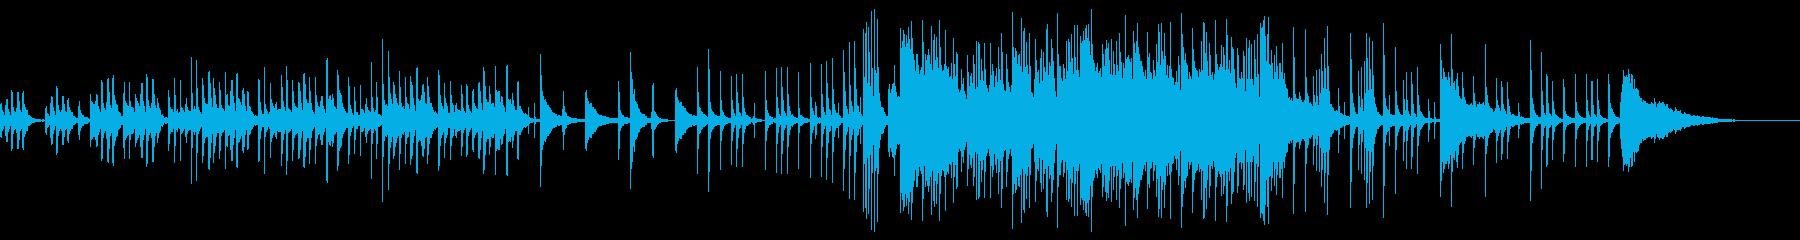 しっとり中国伝統楽器を使ったBGMの再生済みの波形